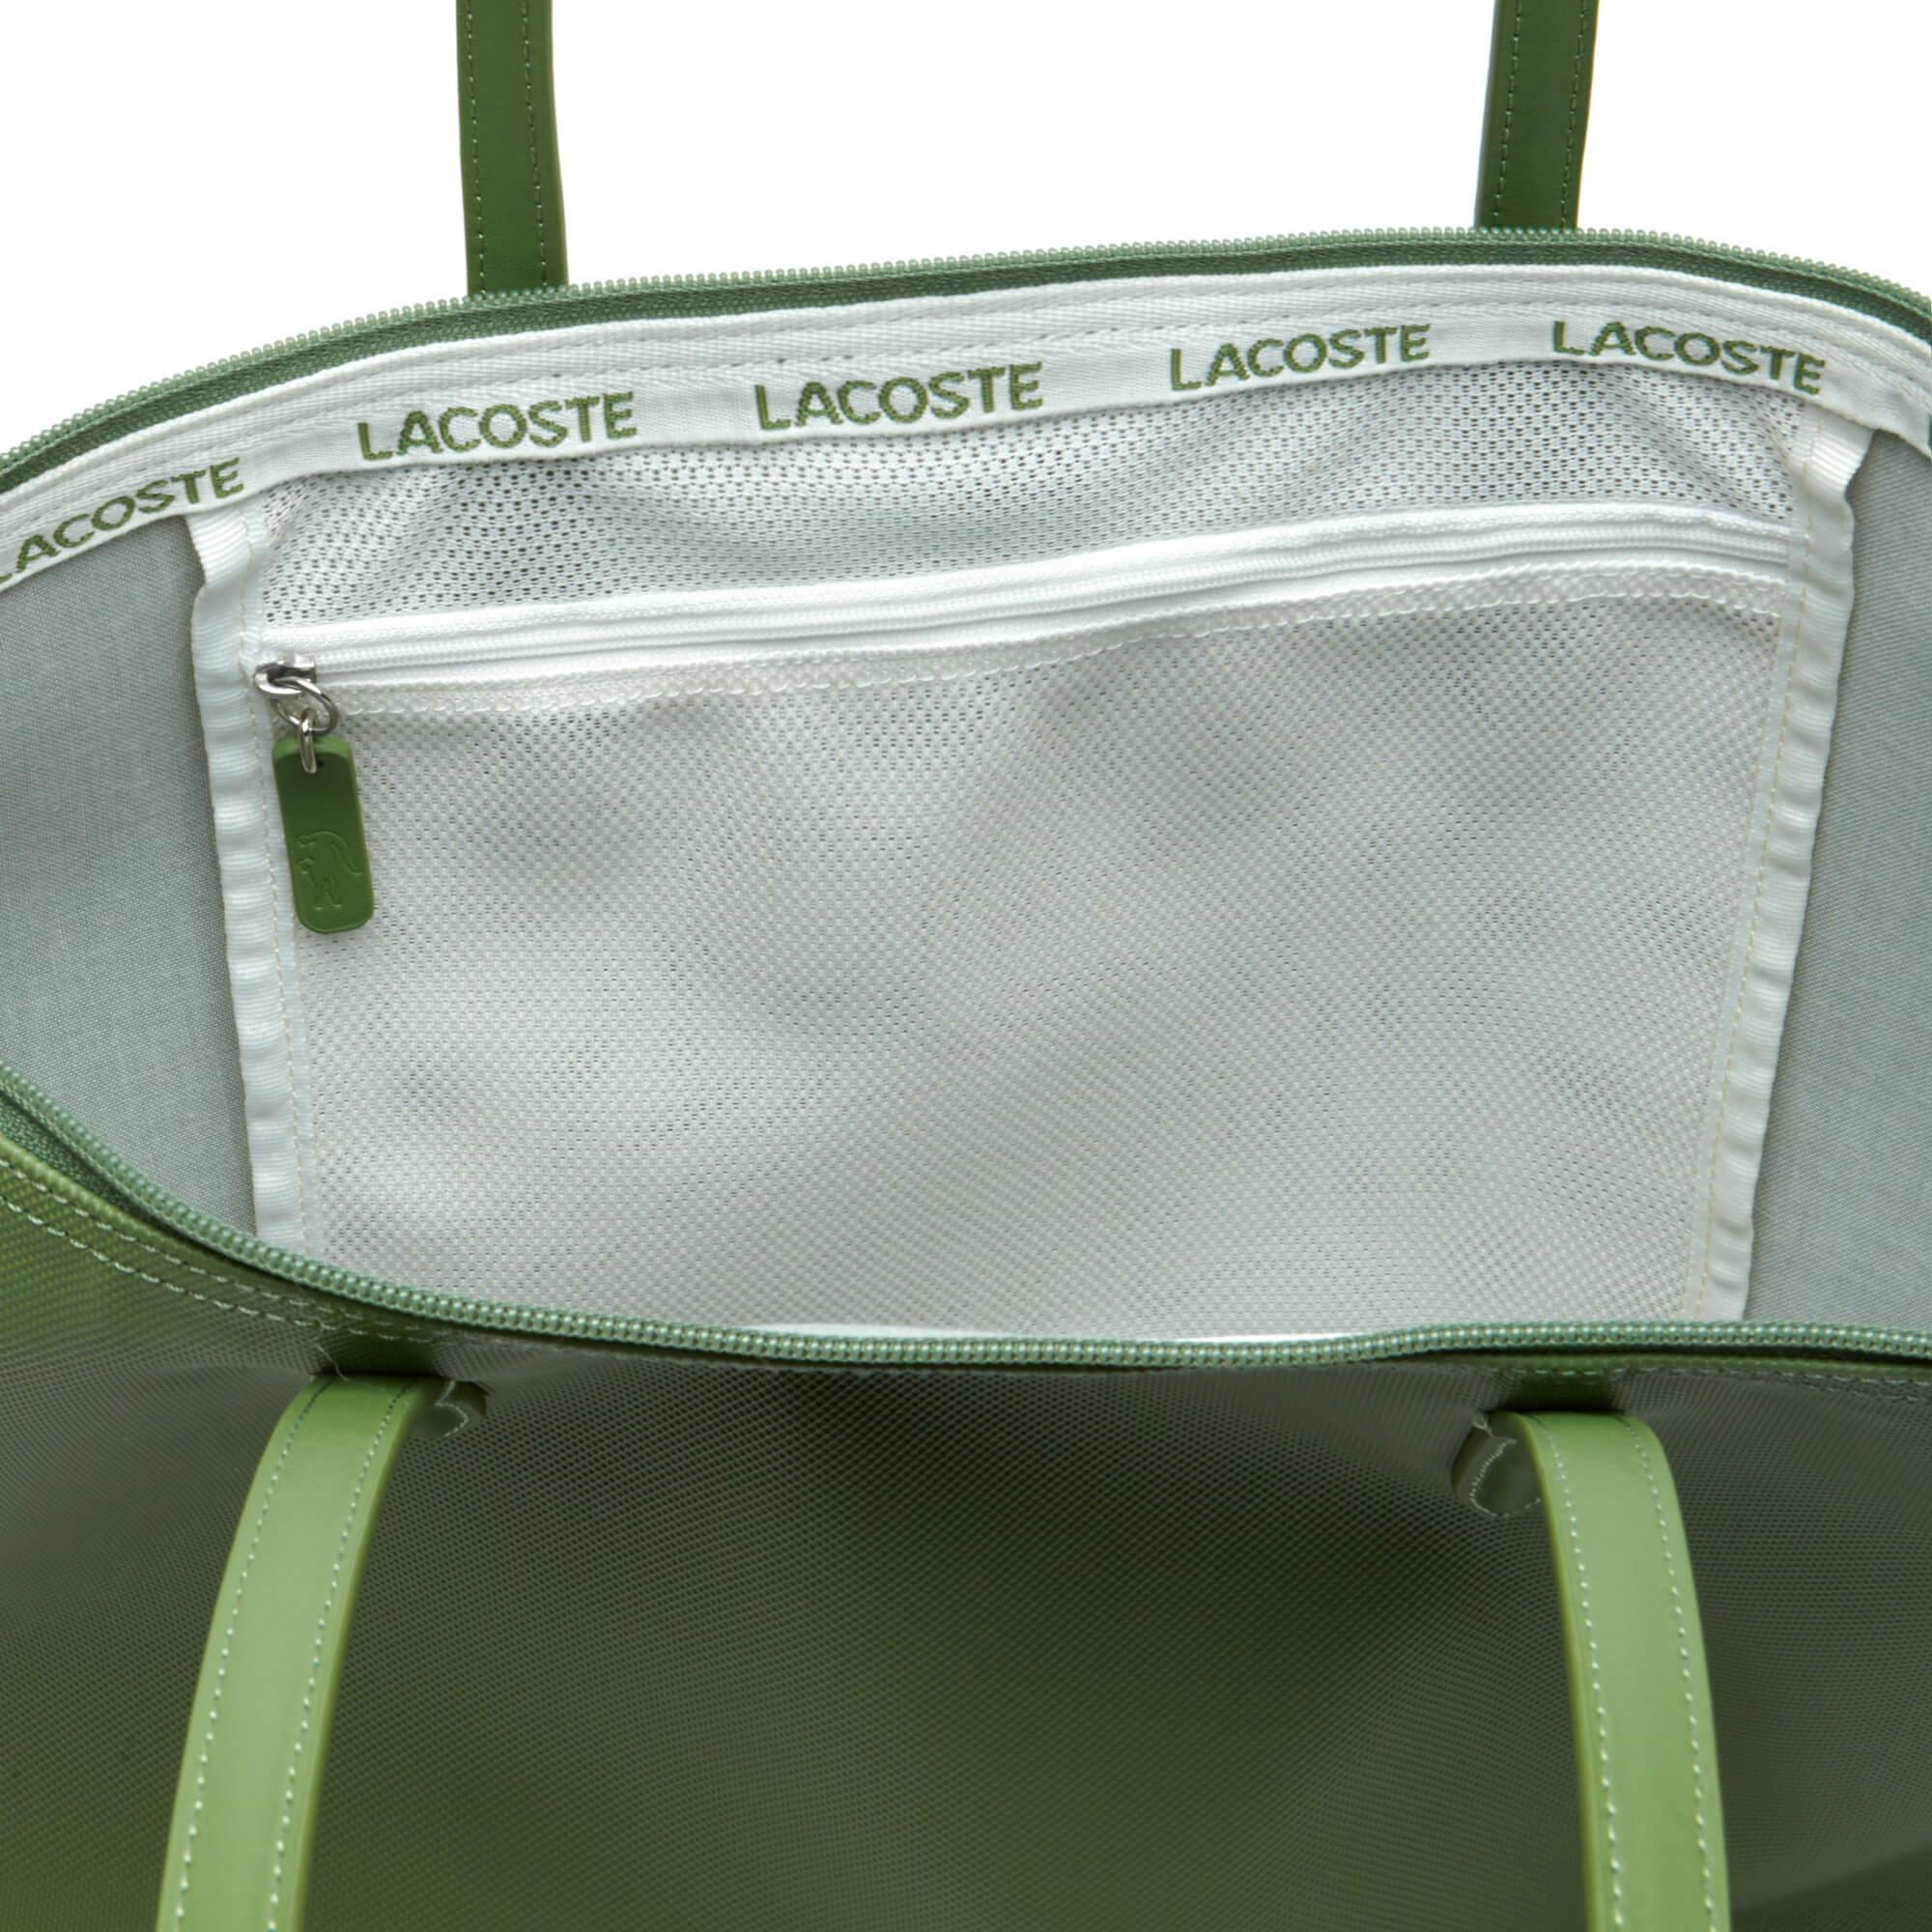 Lacoste Kadın L.12.12 Yeşil Çanta